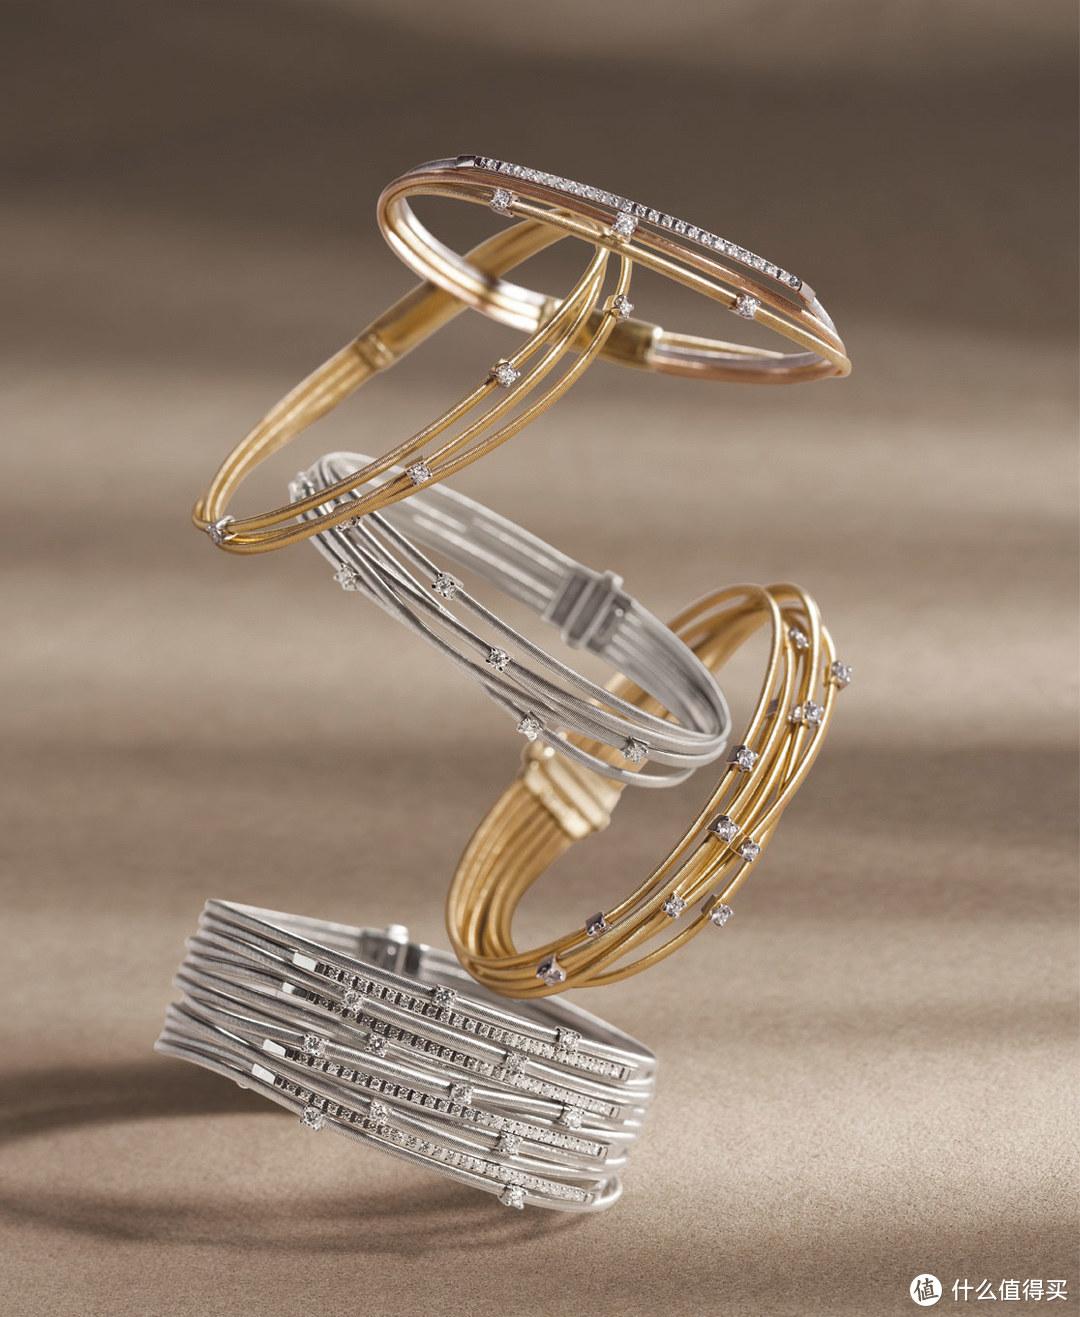 「风尚」被工艺加持的金饰,价值和美感都翻了倍